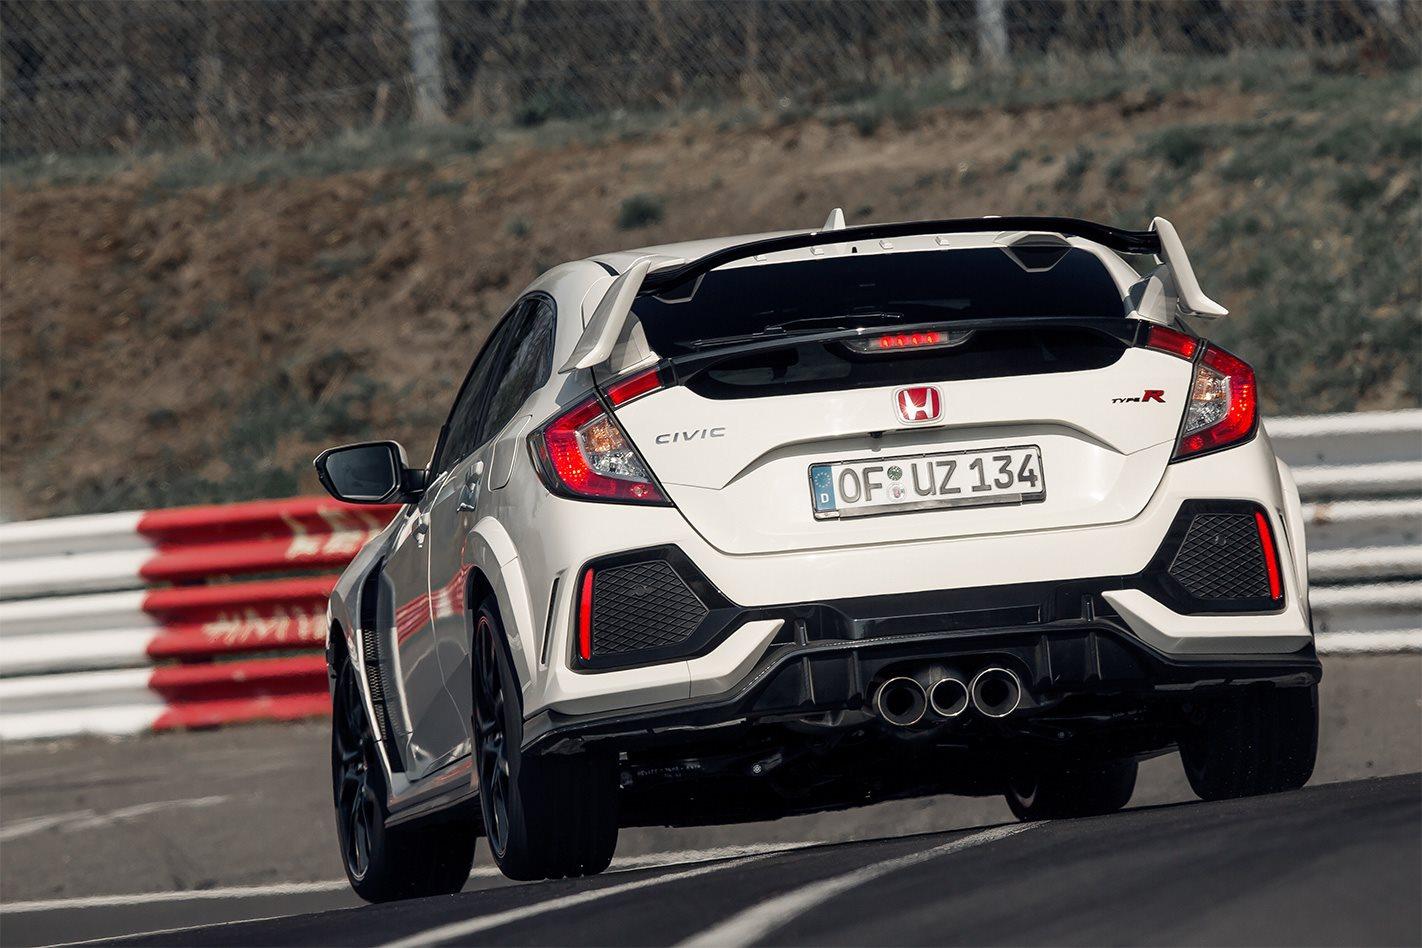 Honda Civic Type R Nurburgring Record 2